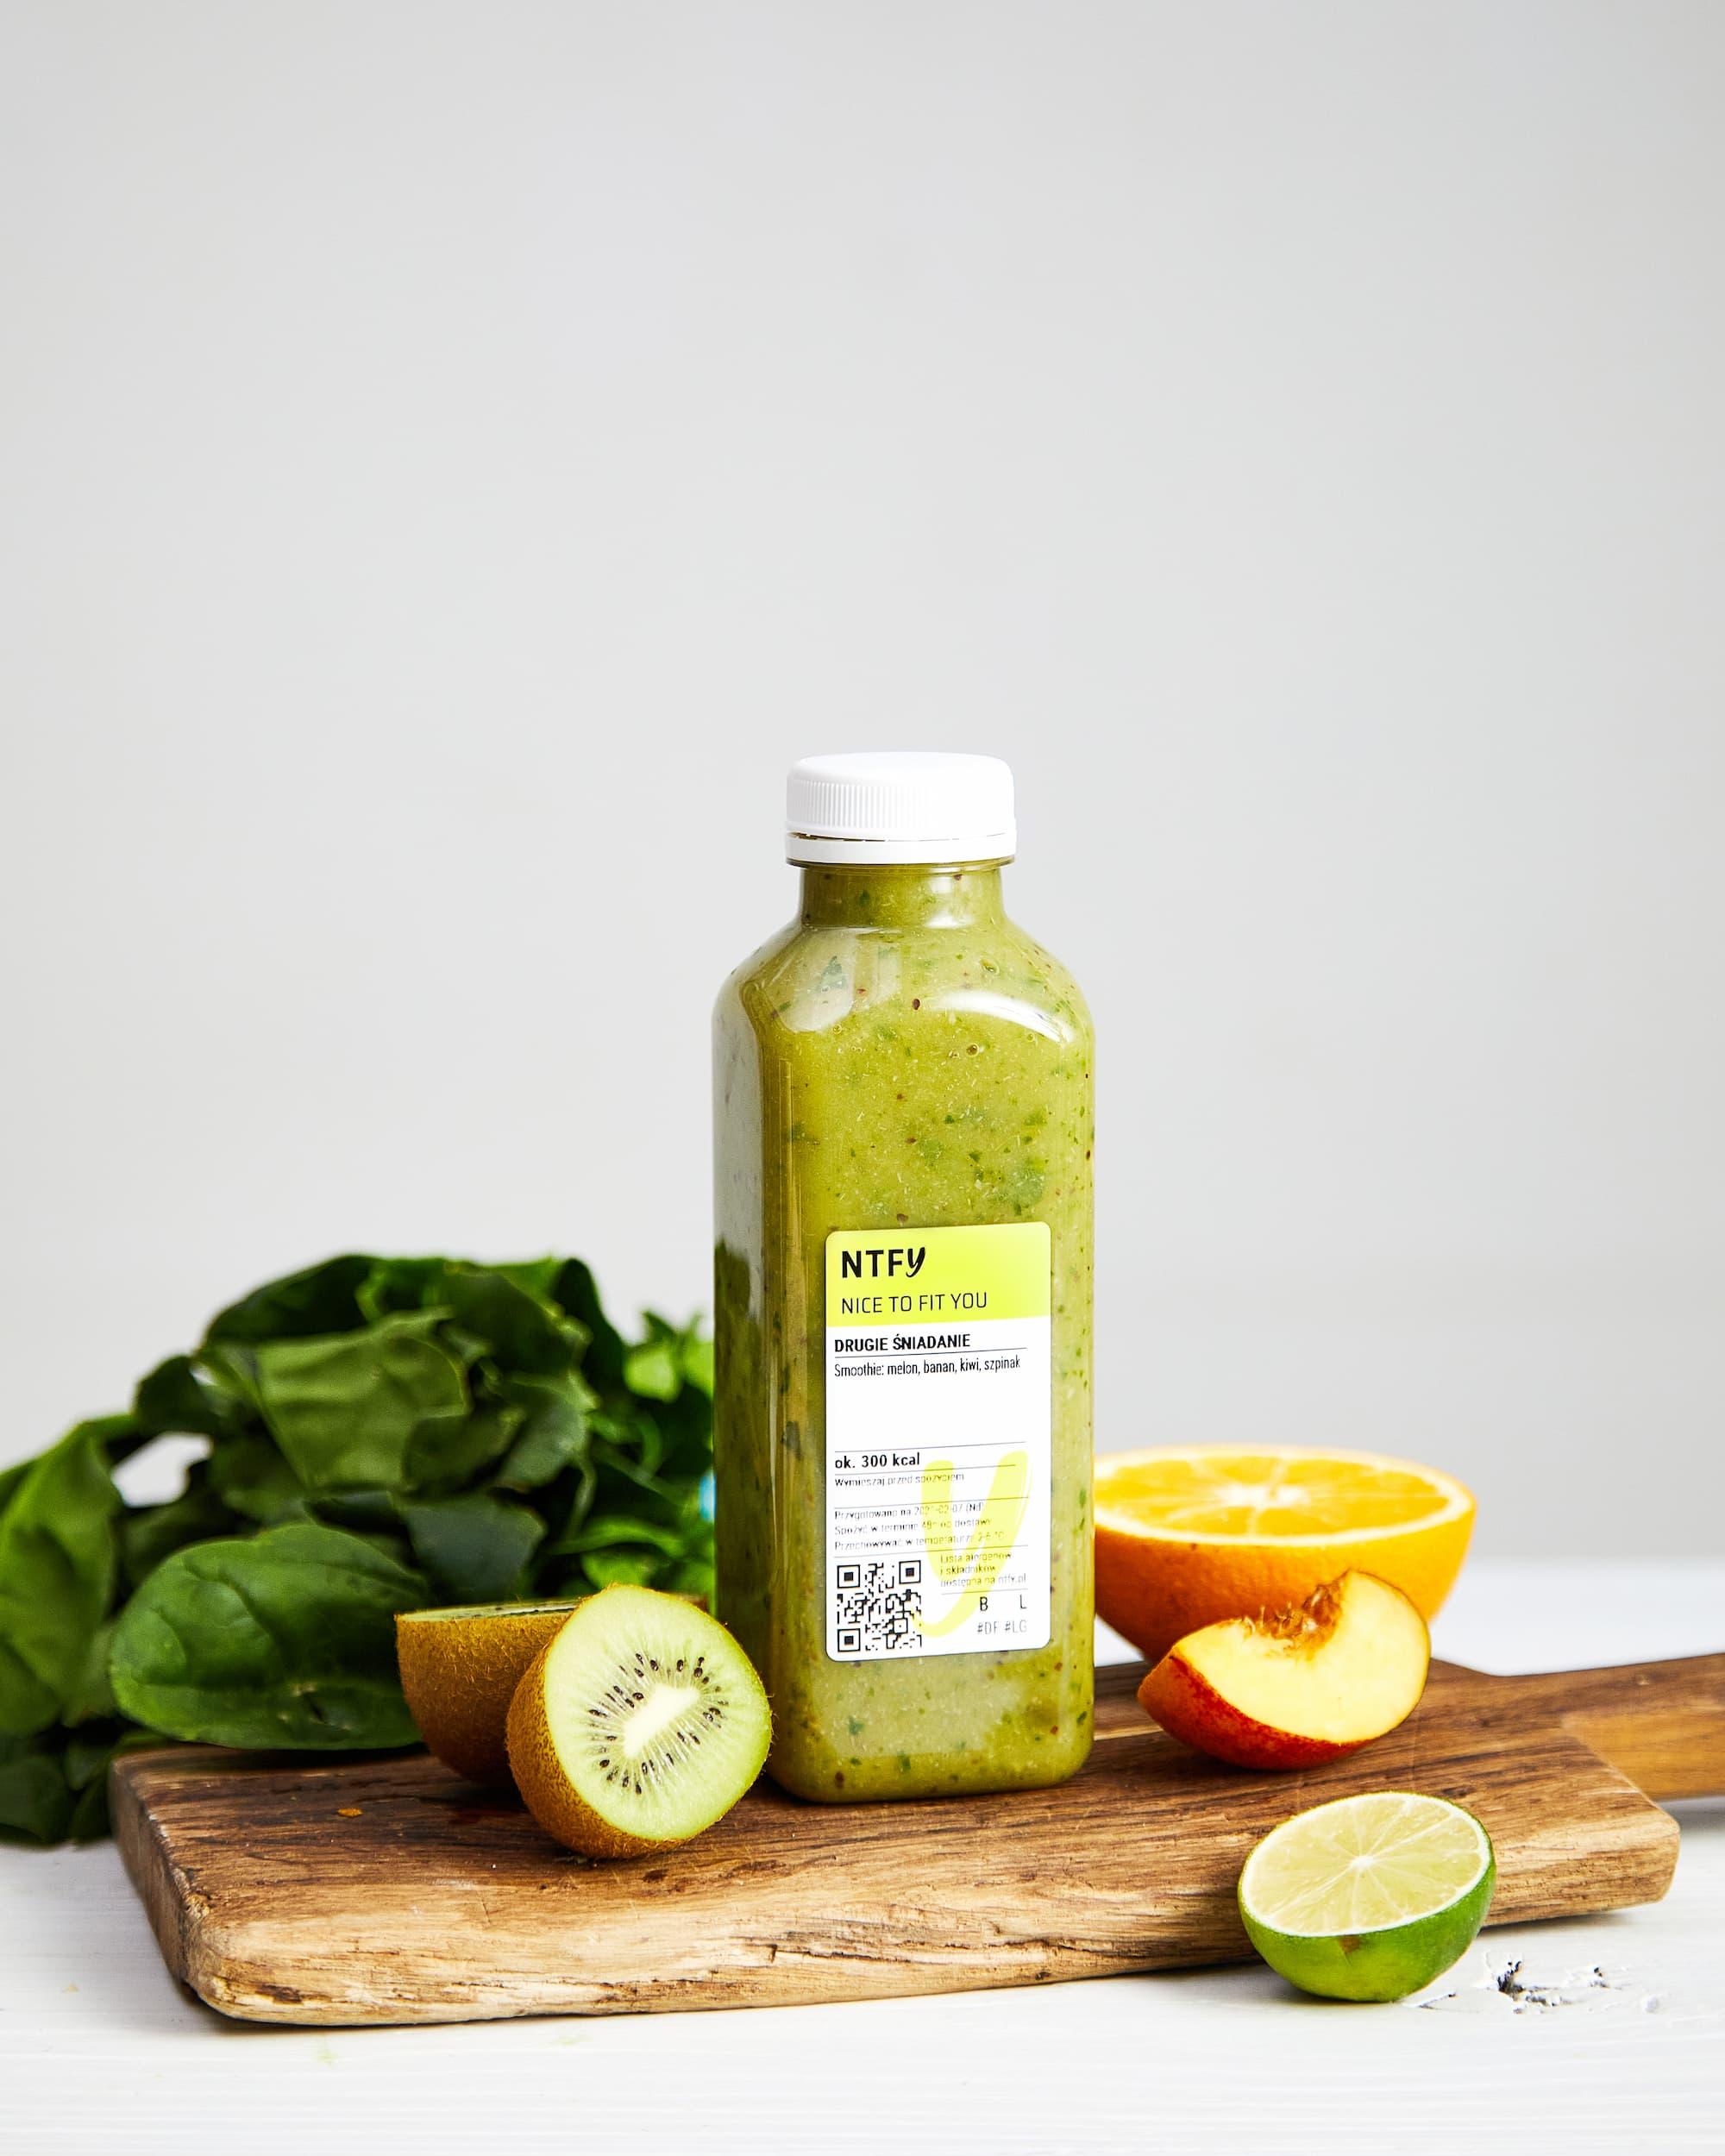 zdrowie zielone smoothie na odpornosc zielona herbata matcha ntfy catering pudelkowy